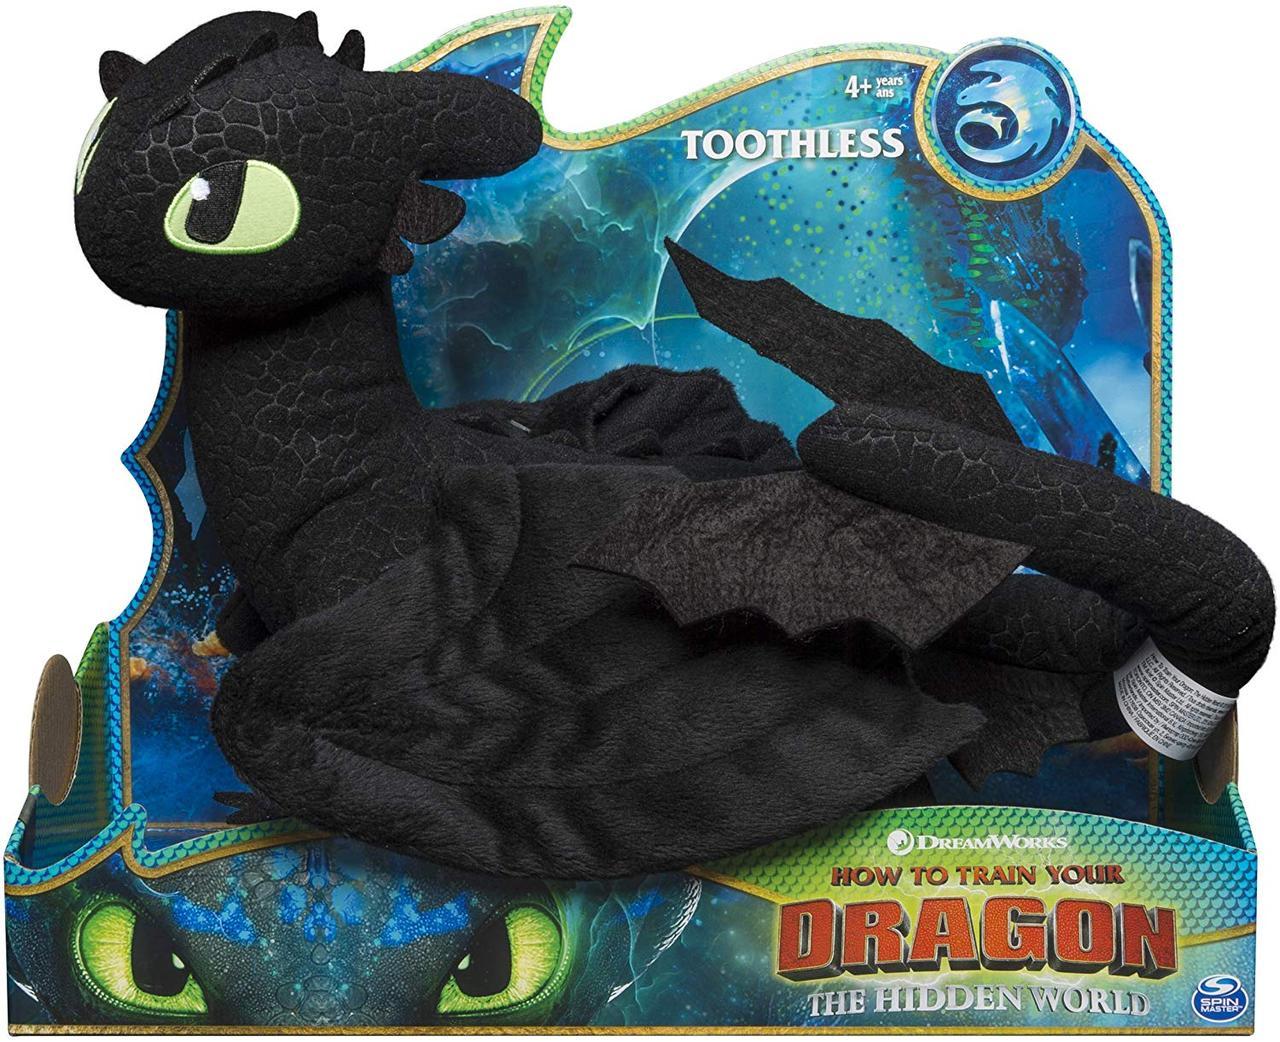 Дракон Беззубик мягкая игрушка 35 см Как приручить драконаDreamworks Dragon. Оригинал из США, фото 1